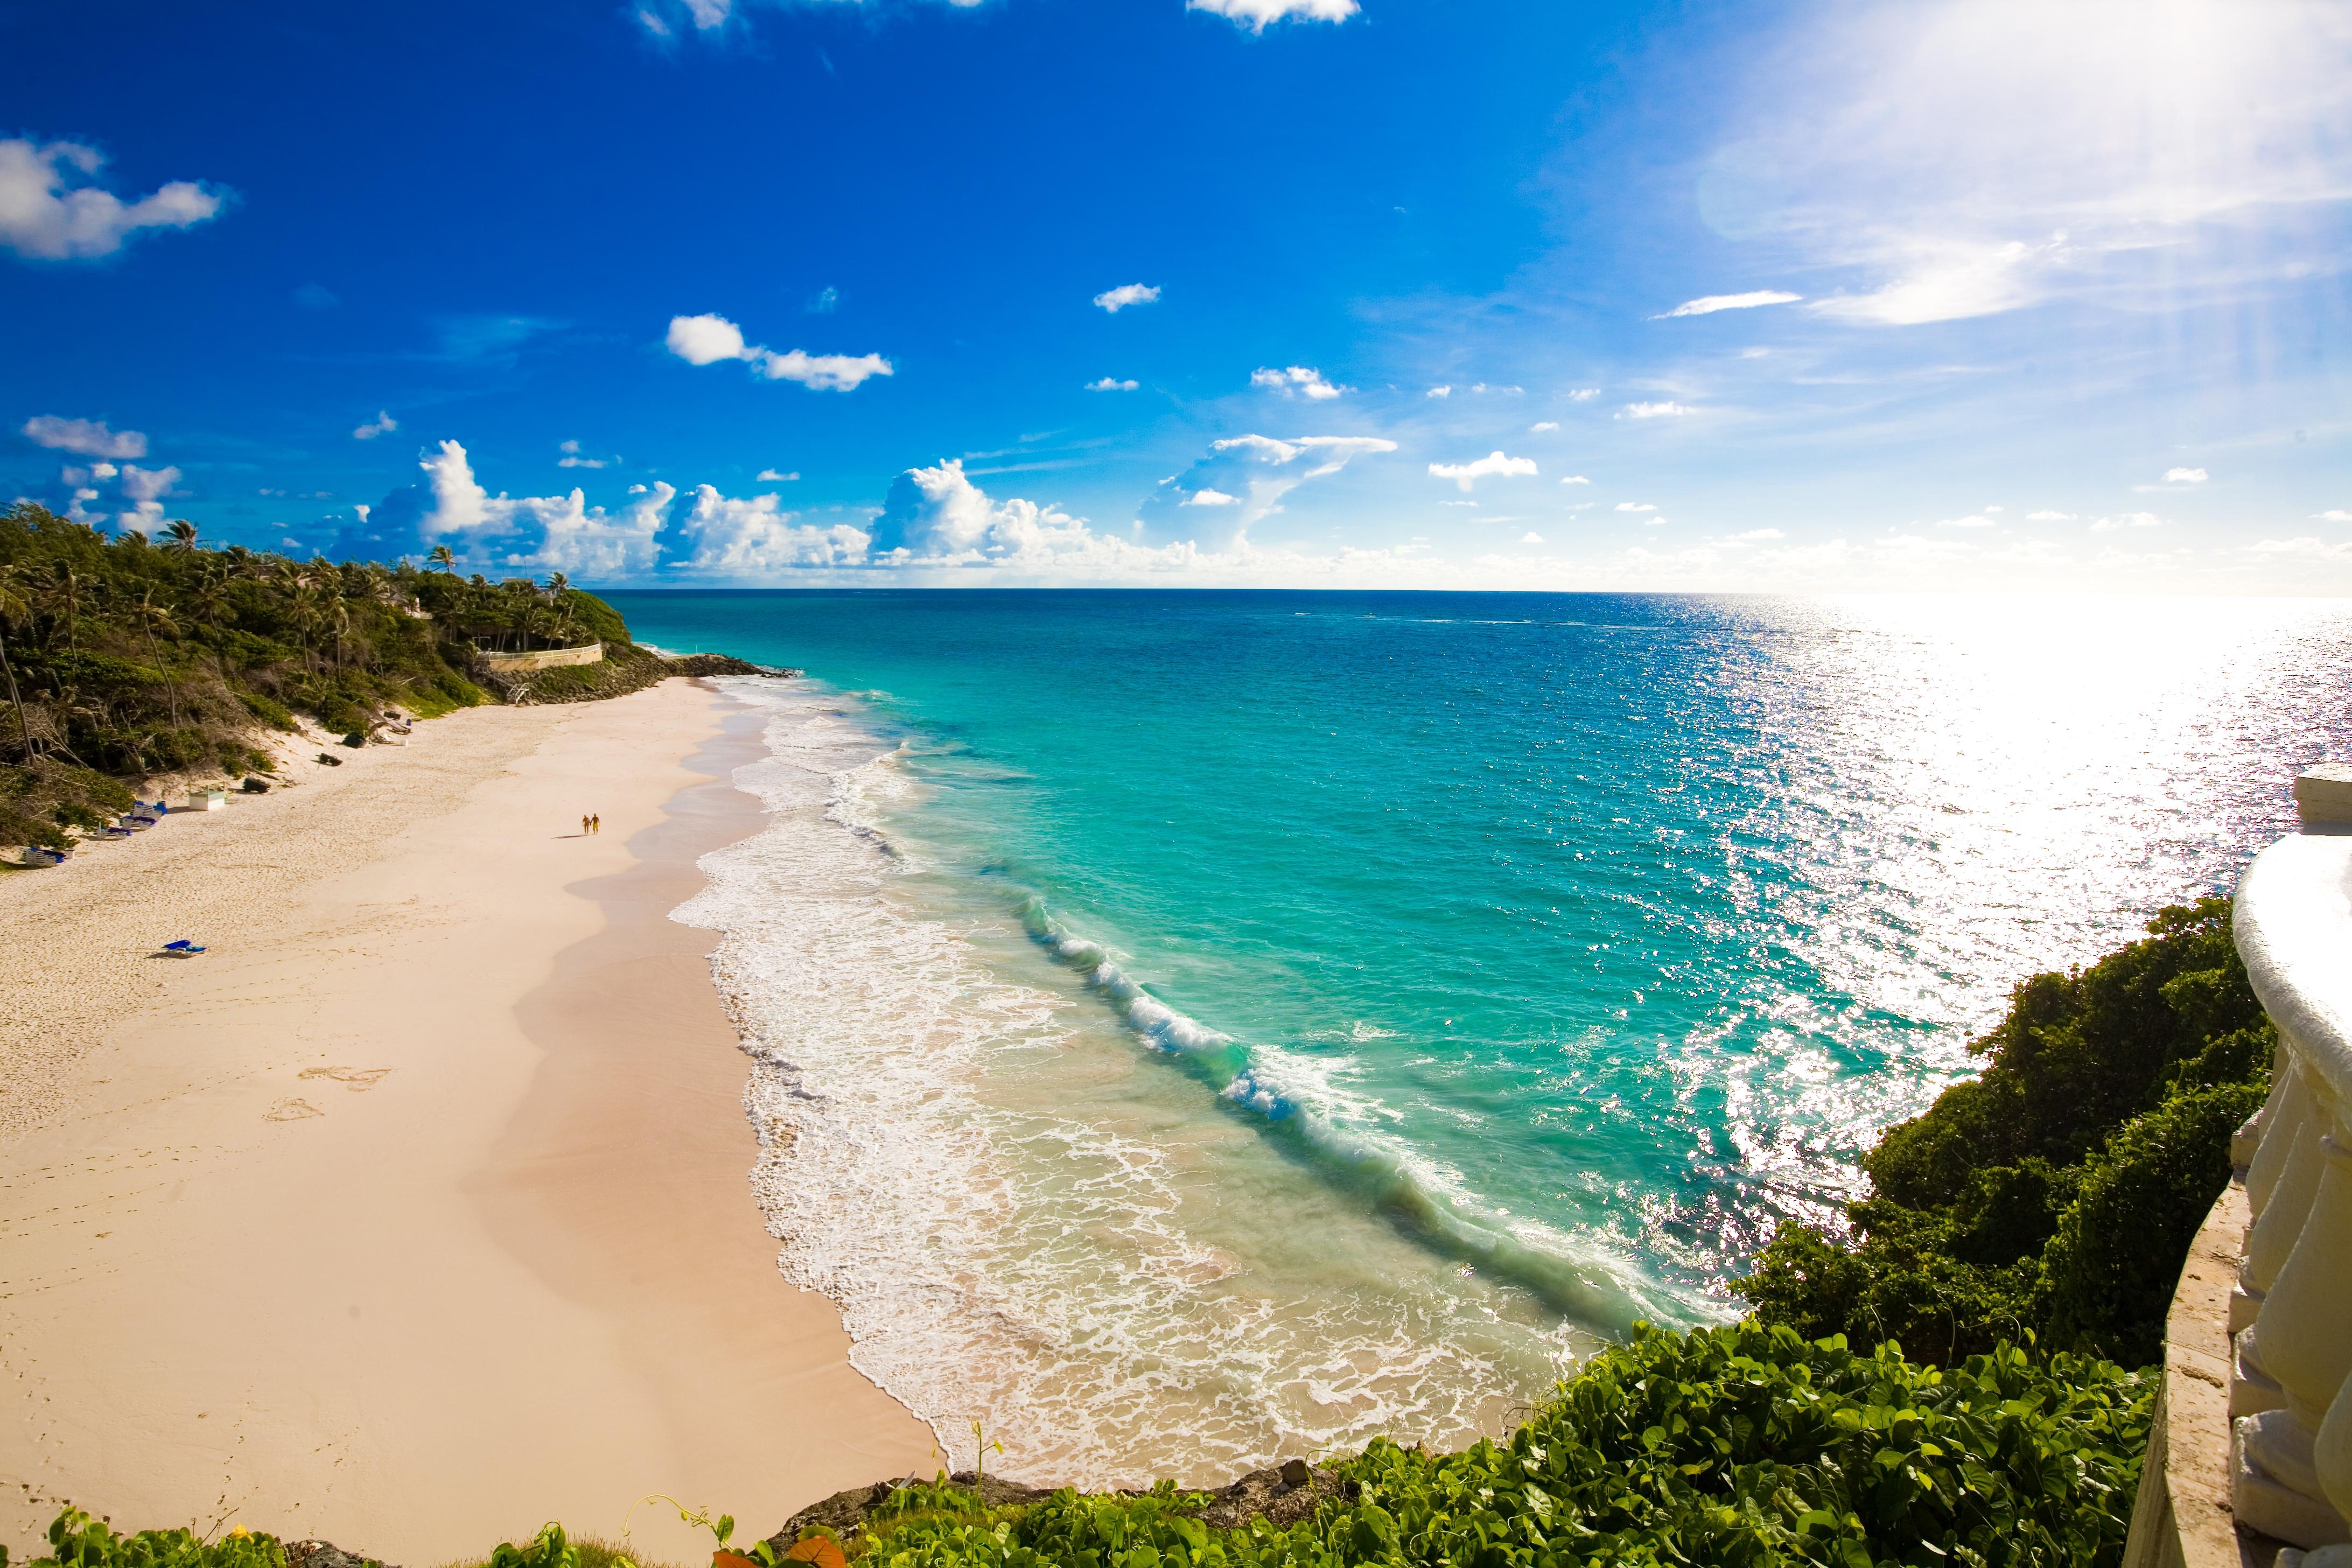 75317 Заставки и Обои Пляж на телефон. Скачать Природа, Пляж, Тропики, Море, Песок, Трава картинки бесплатно